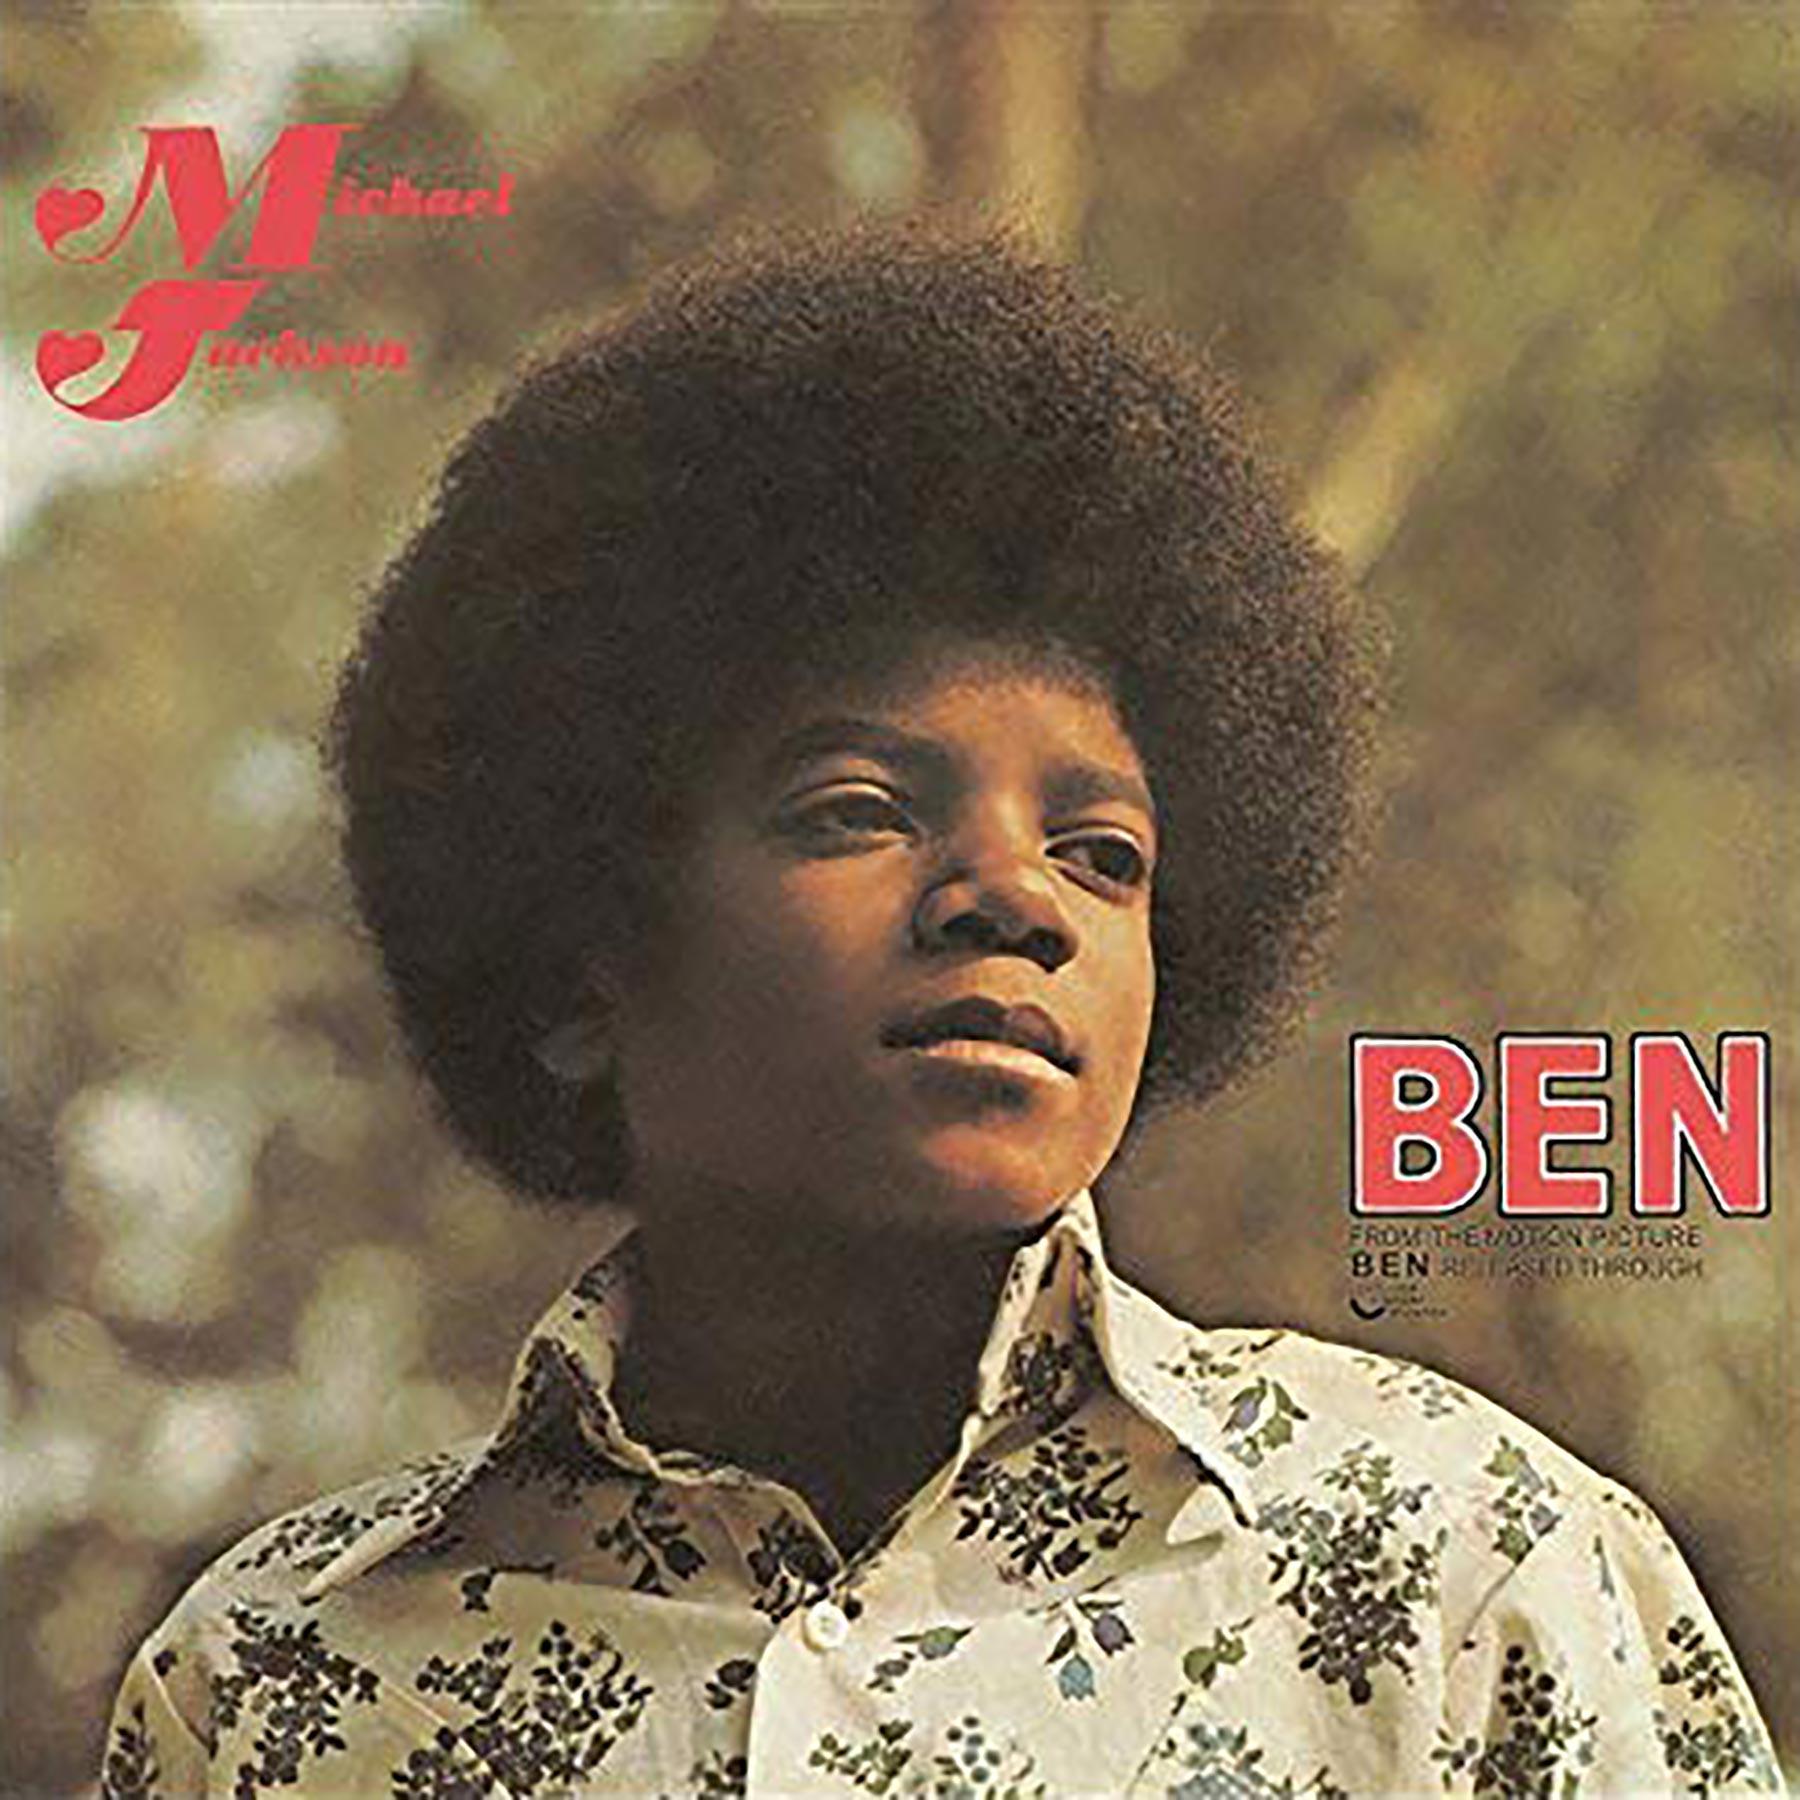 Ben (1972) by Michael Jackson